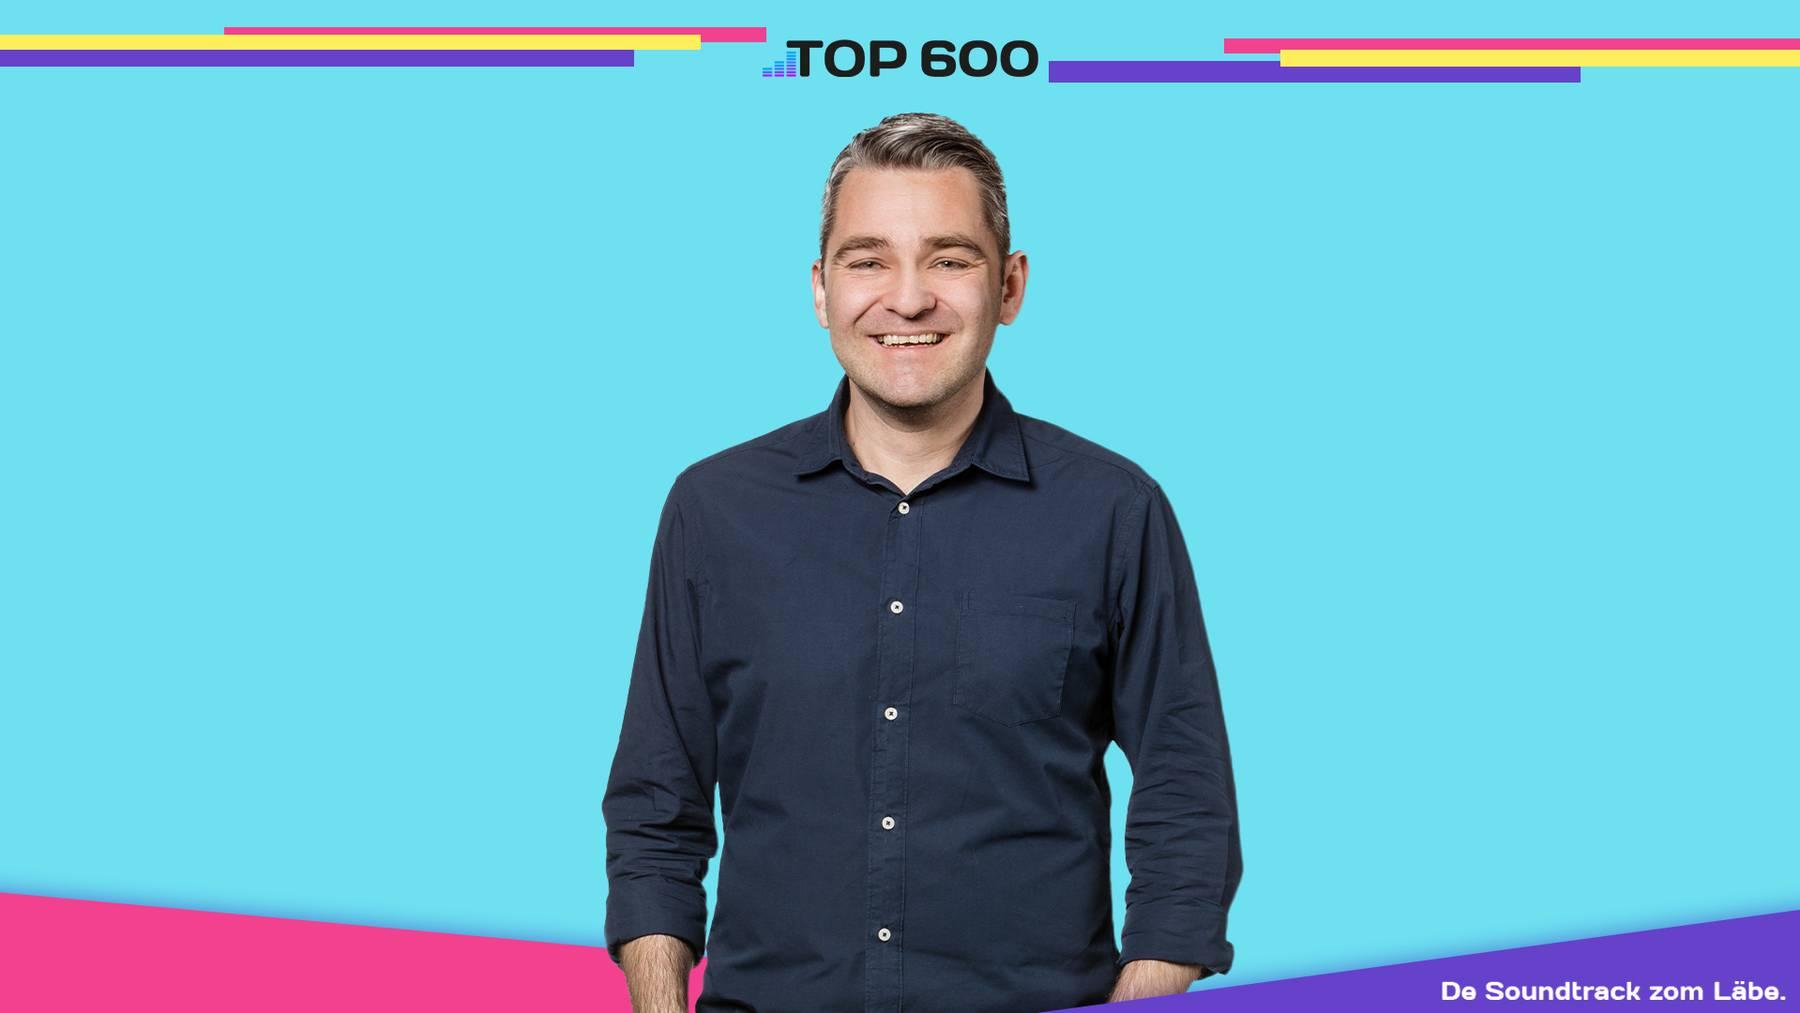 Asset Peter Top 600